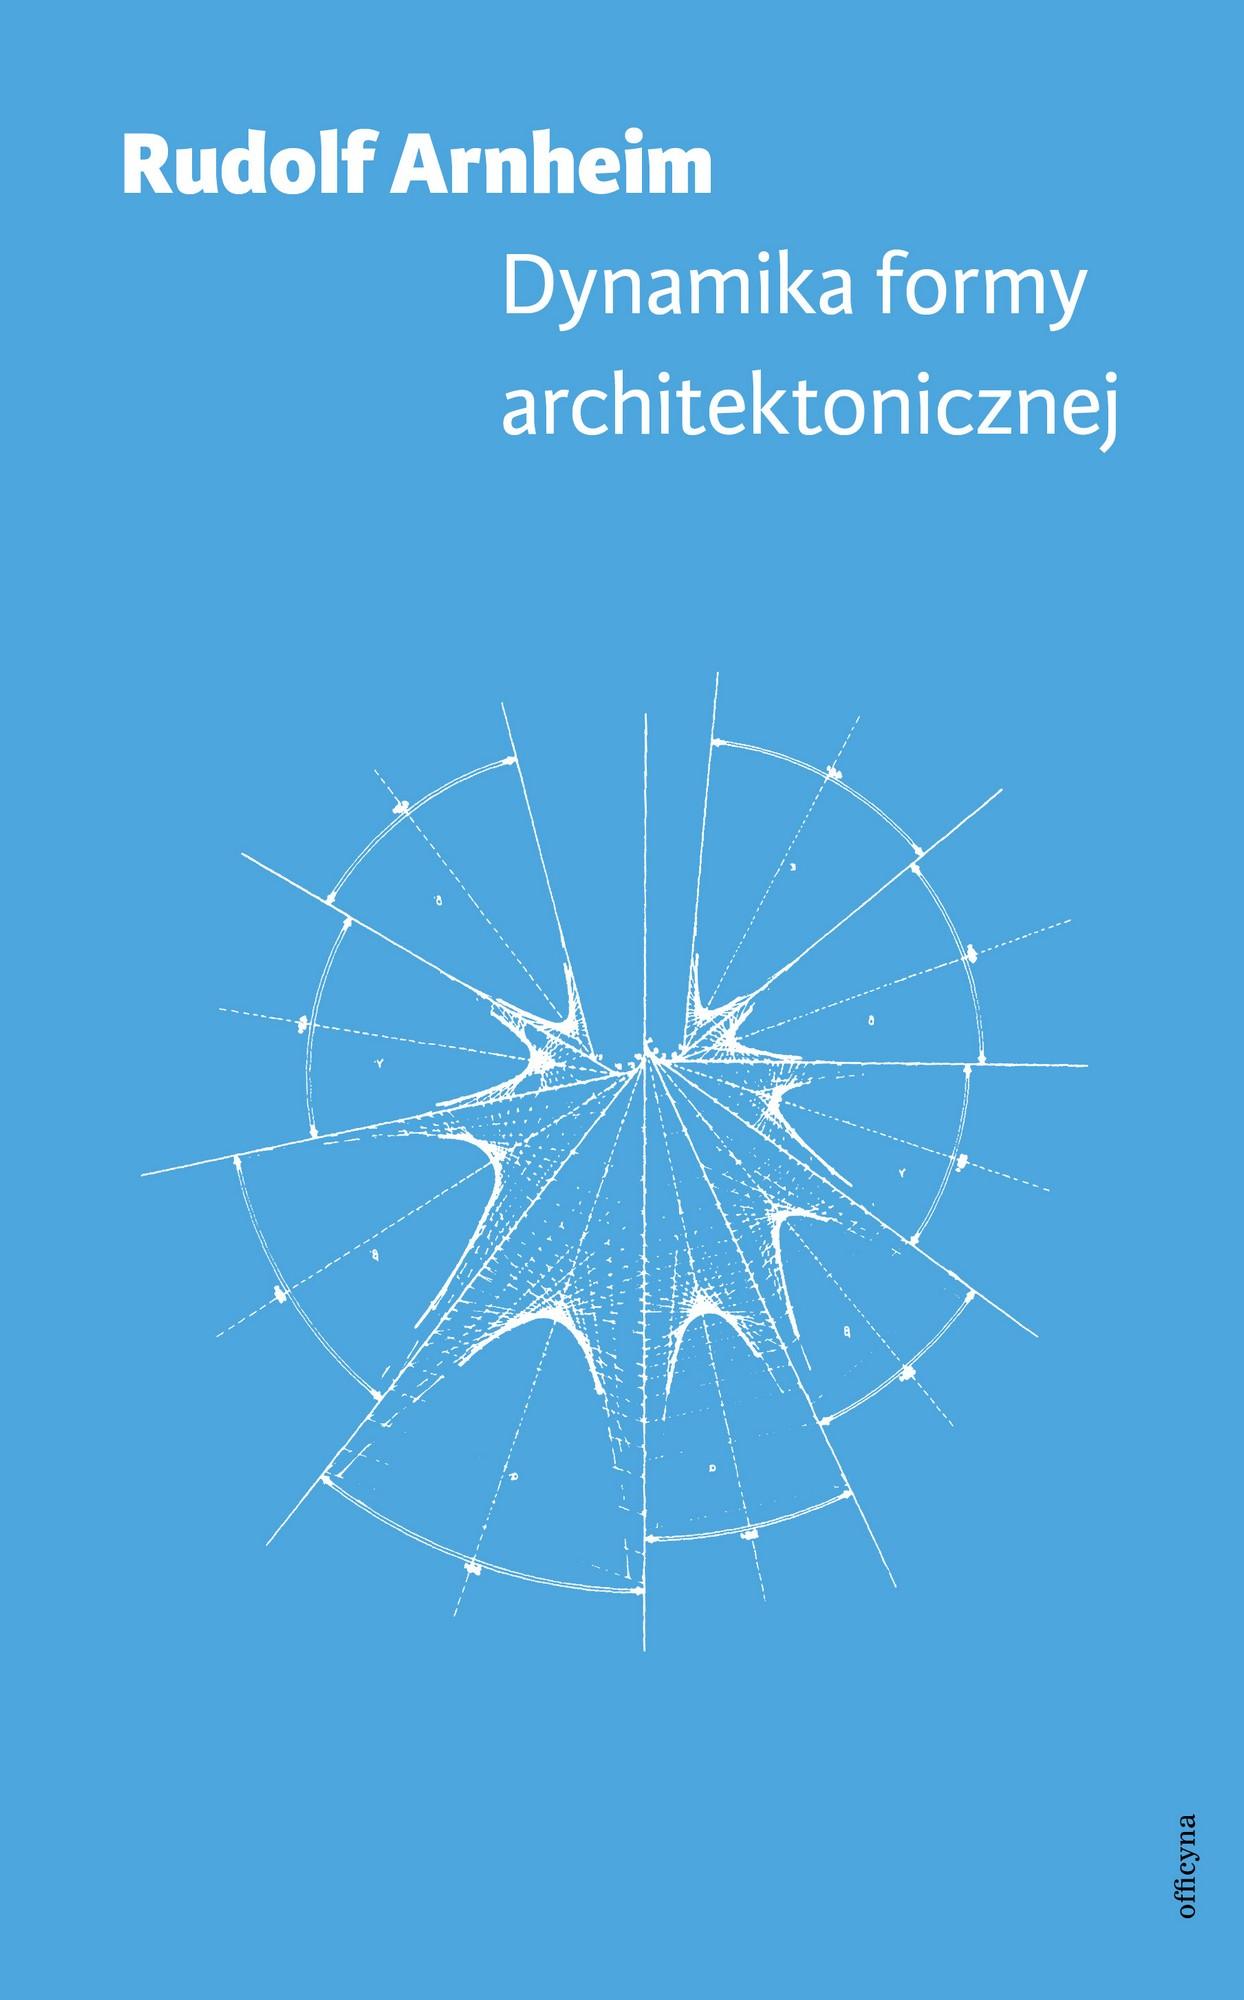 """Rudolf Arnheim, """"Dynamika formy architektonicznej"""", okładka, Wydawnictwo Officyna (źródło: materiały wydawcy)"""